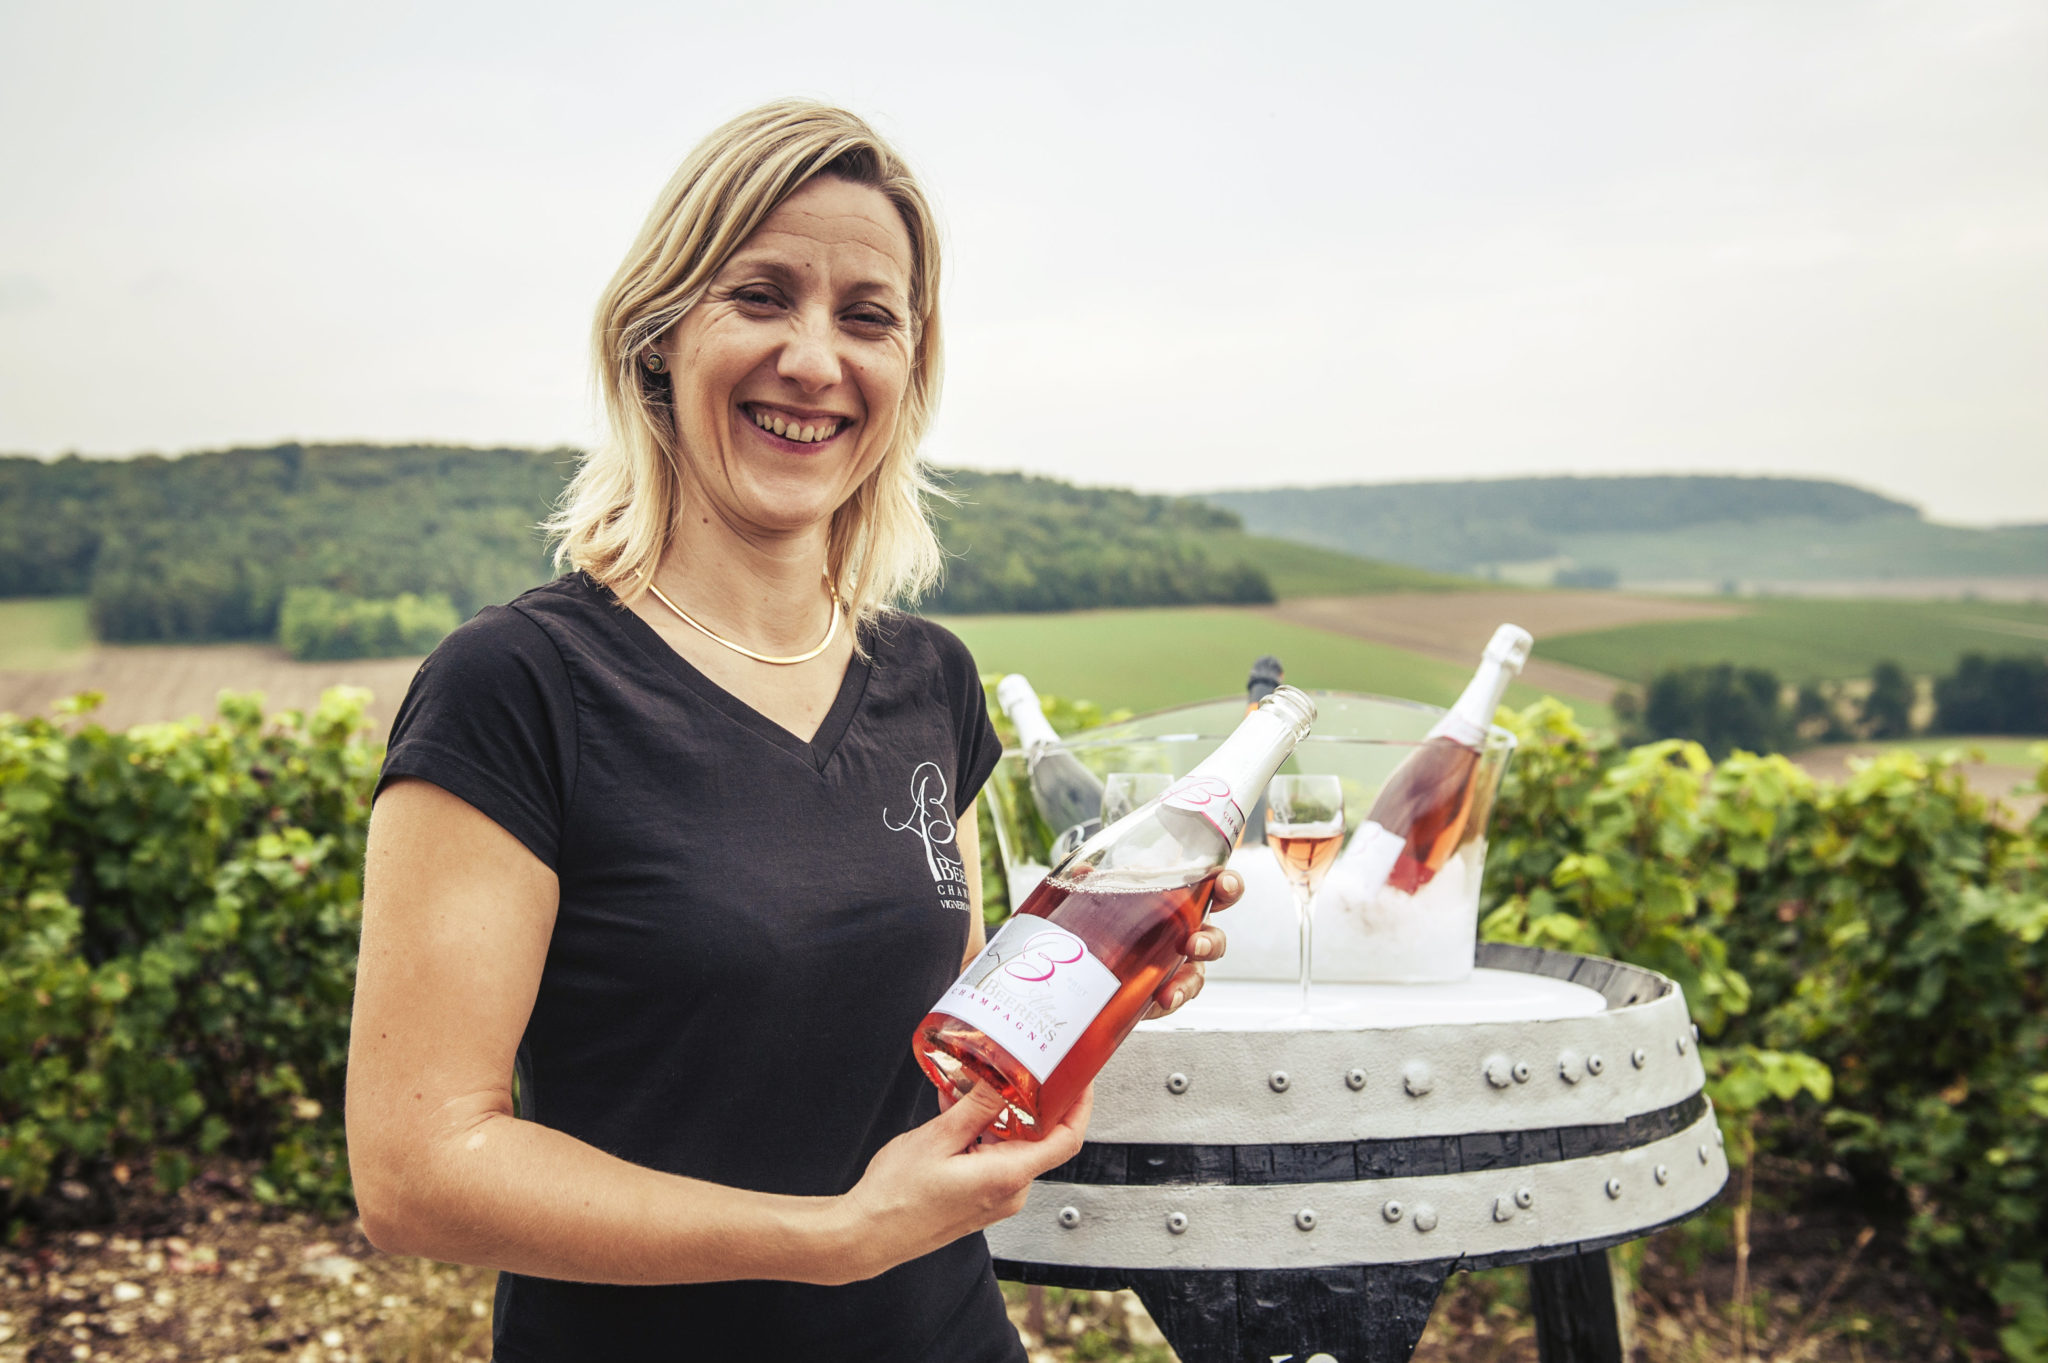 La cuvée Eternel Rosé présentée par Anne-Laure Beerens (champagne Albert Beerens).